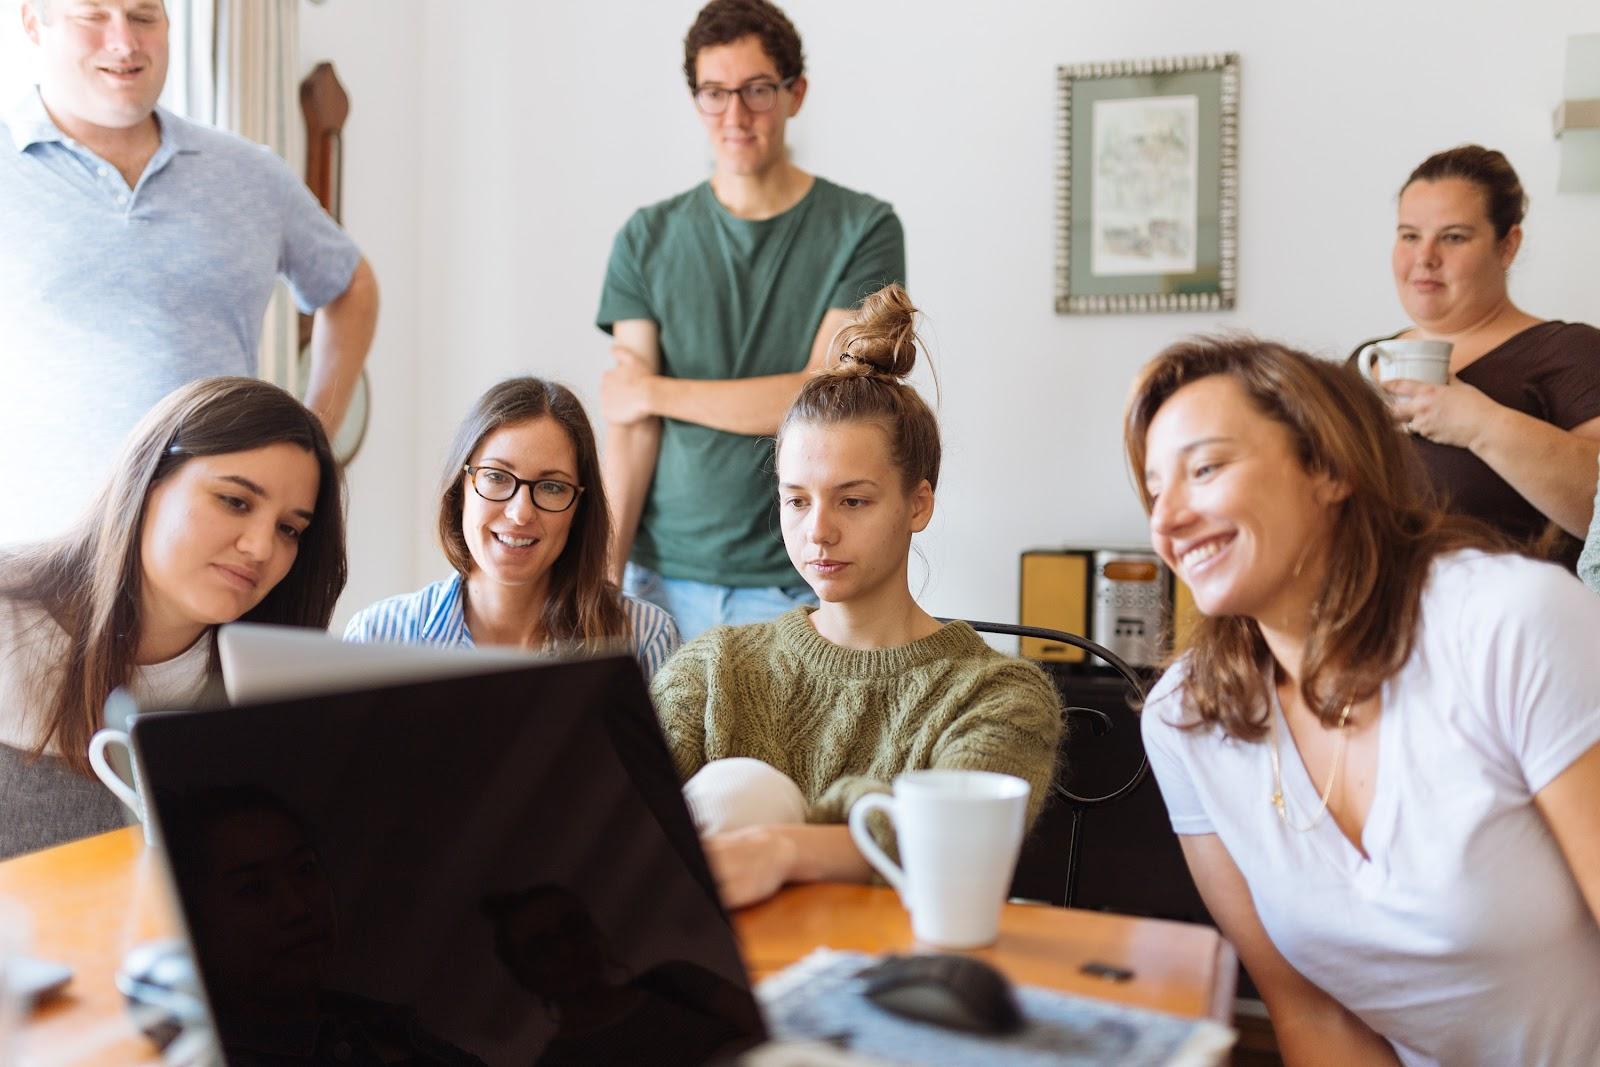 Hotelmanagement Studium - was danach?